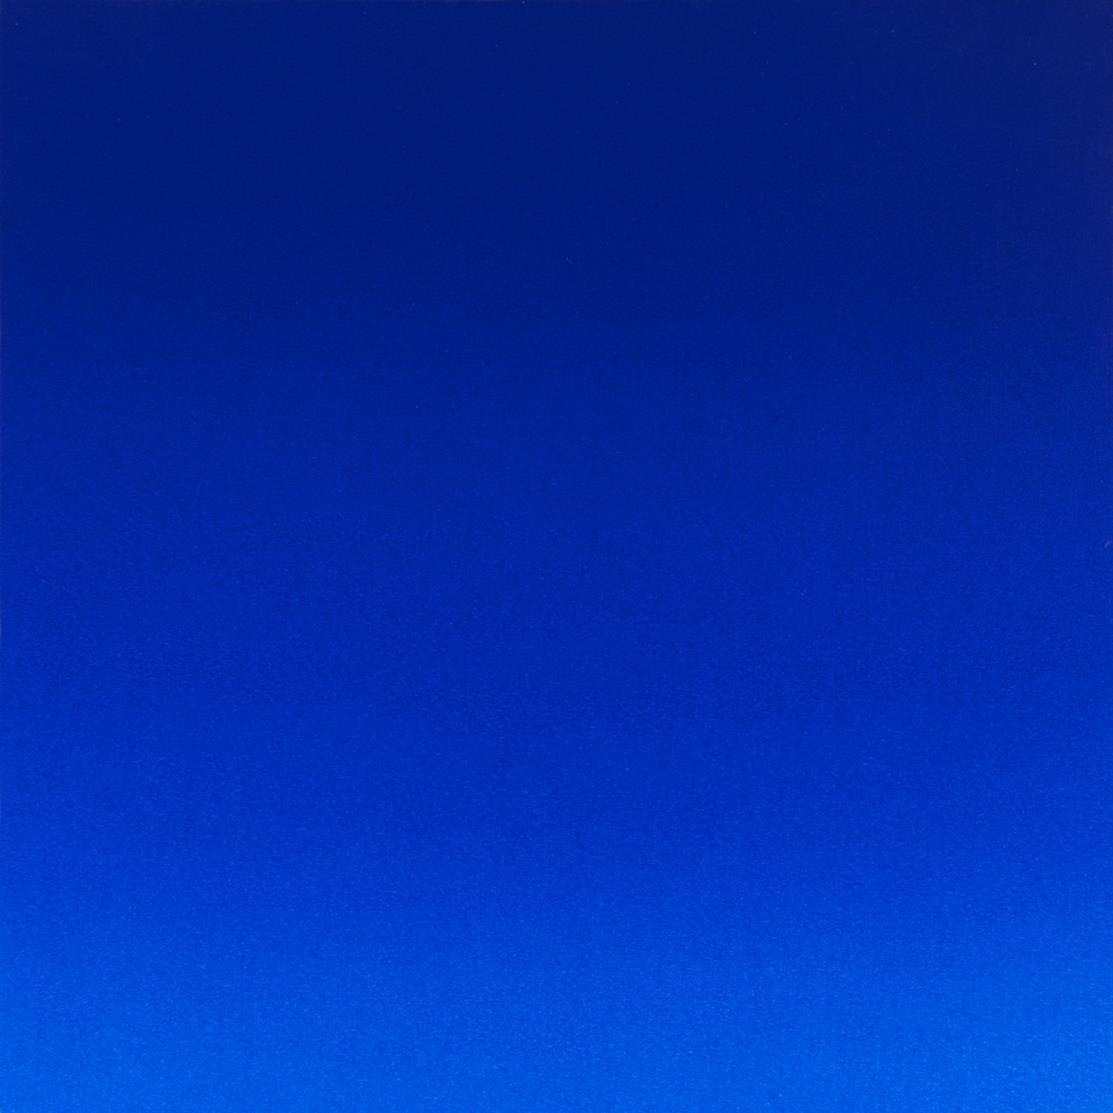 Rupprecht Geiger. Ohne Titel (Multiple Blau moduliert). 2008. Orginalpigmentdruck auf Karton, auf Holz. Signiert. Ex. 15/20.